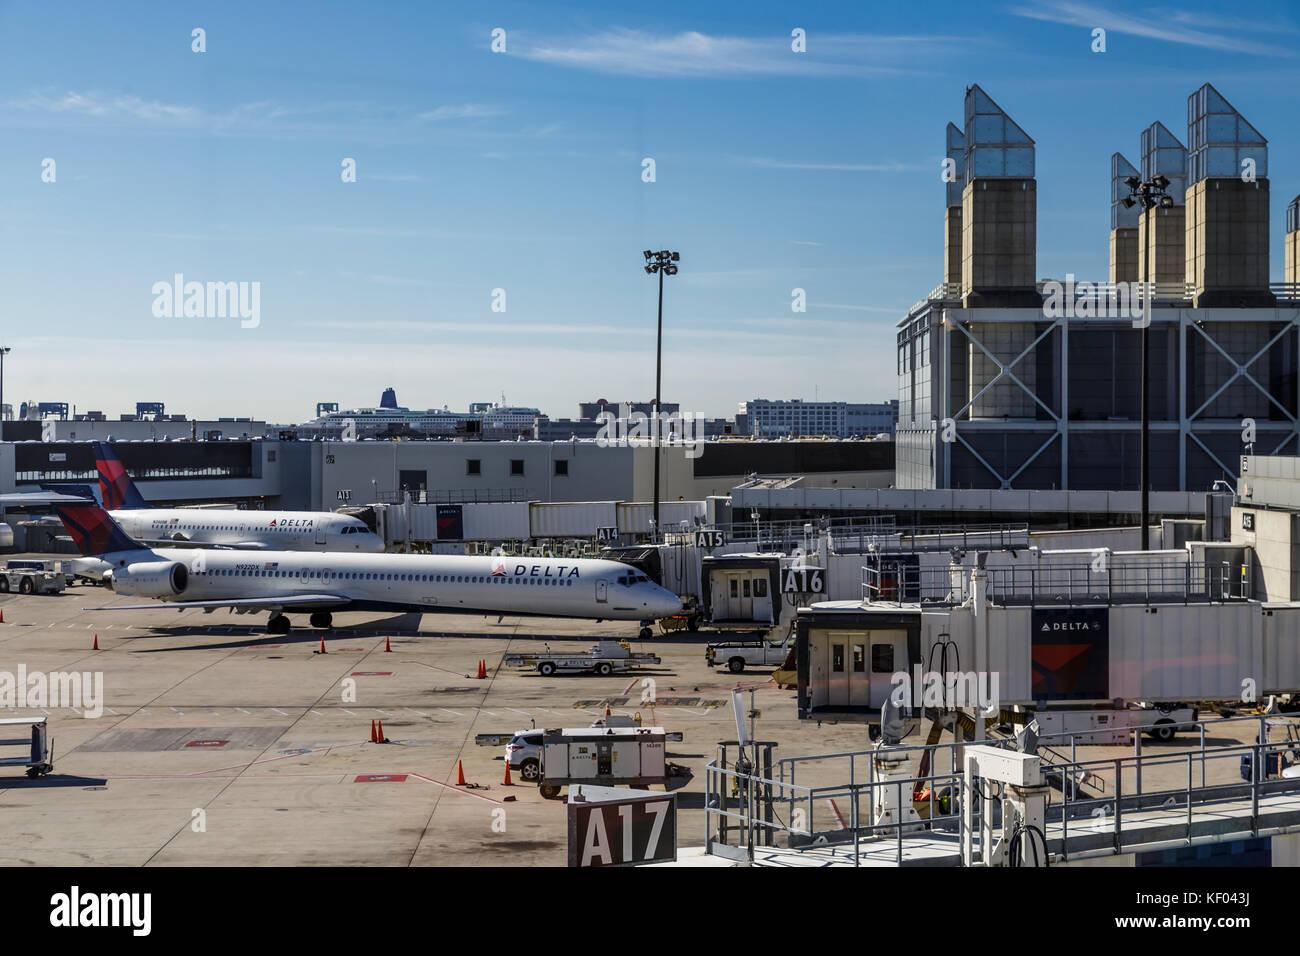 Delta Airplanes at the gate at Atlanta's Hartsfield-Jackson Airpot - Stock Image